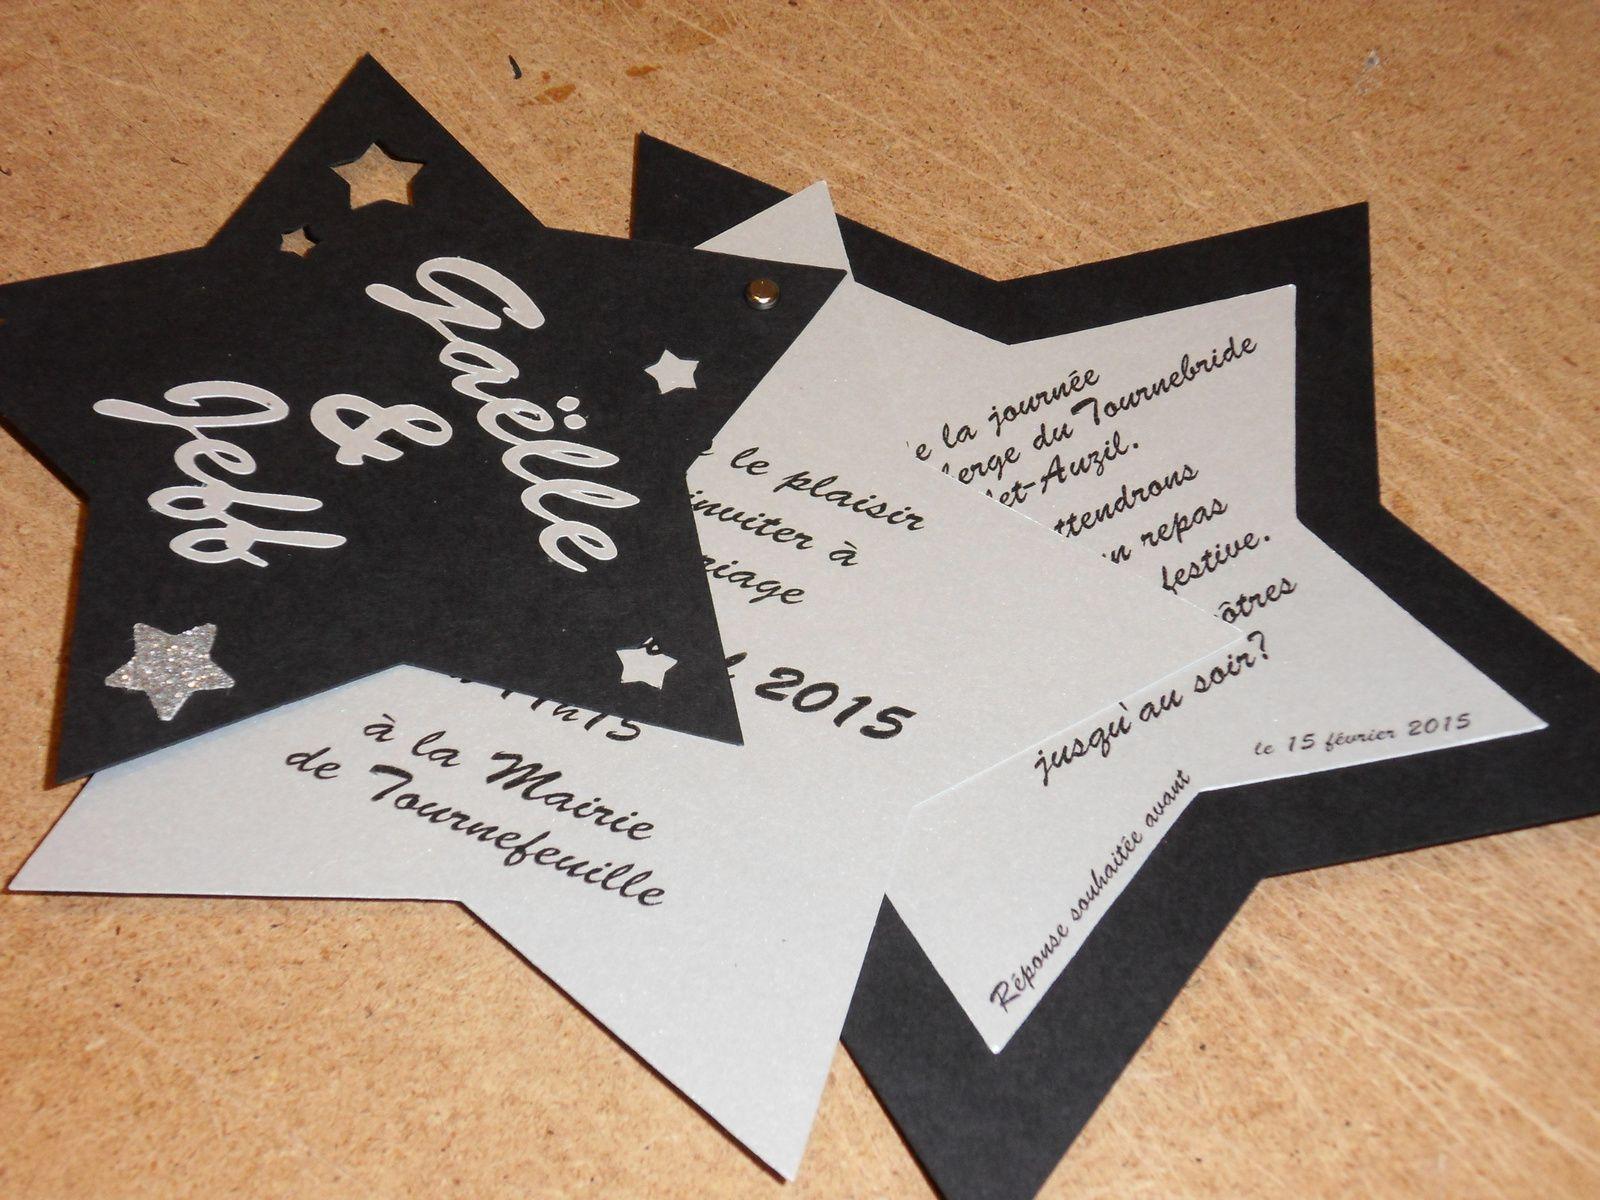 Top faire part mariage en forme d'étoile, argent et noir - Les créas  ZQ58